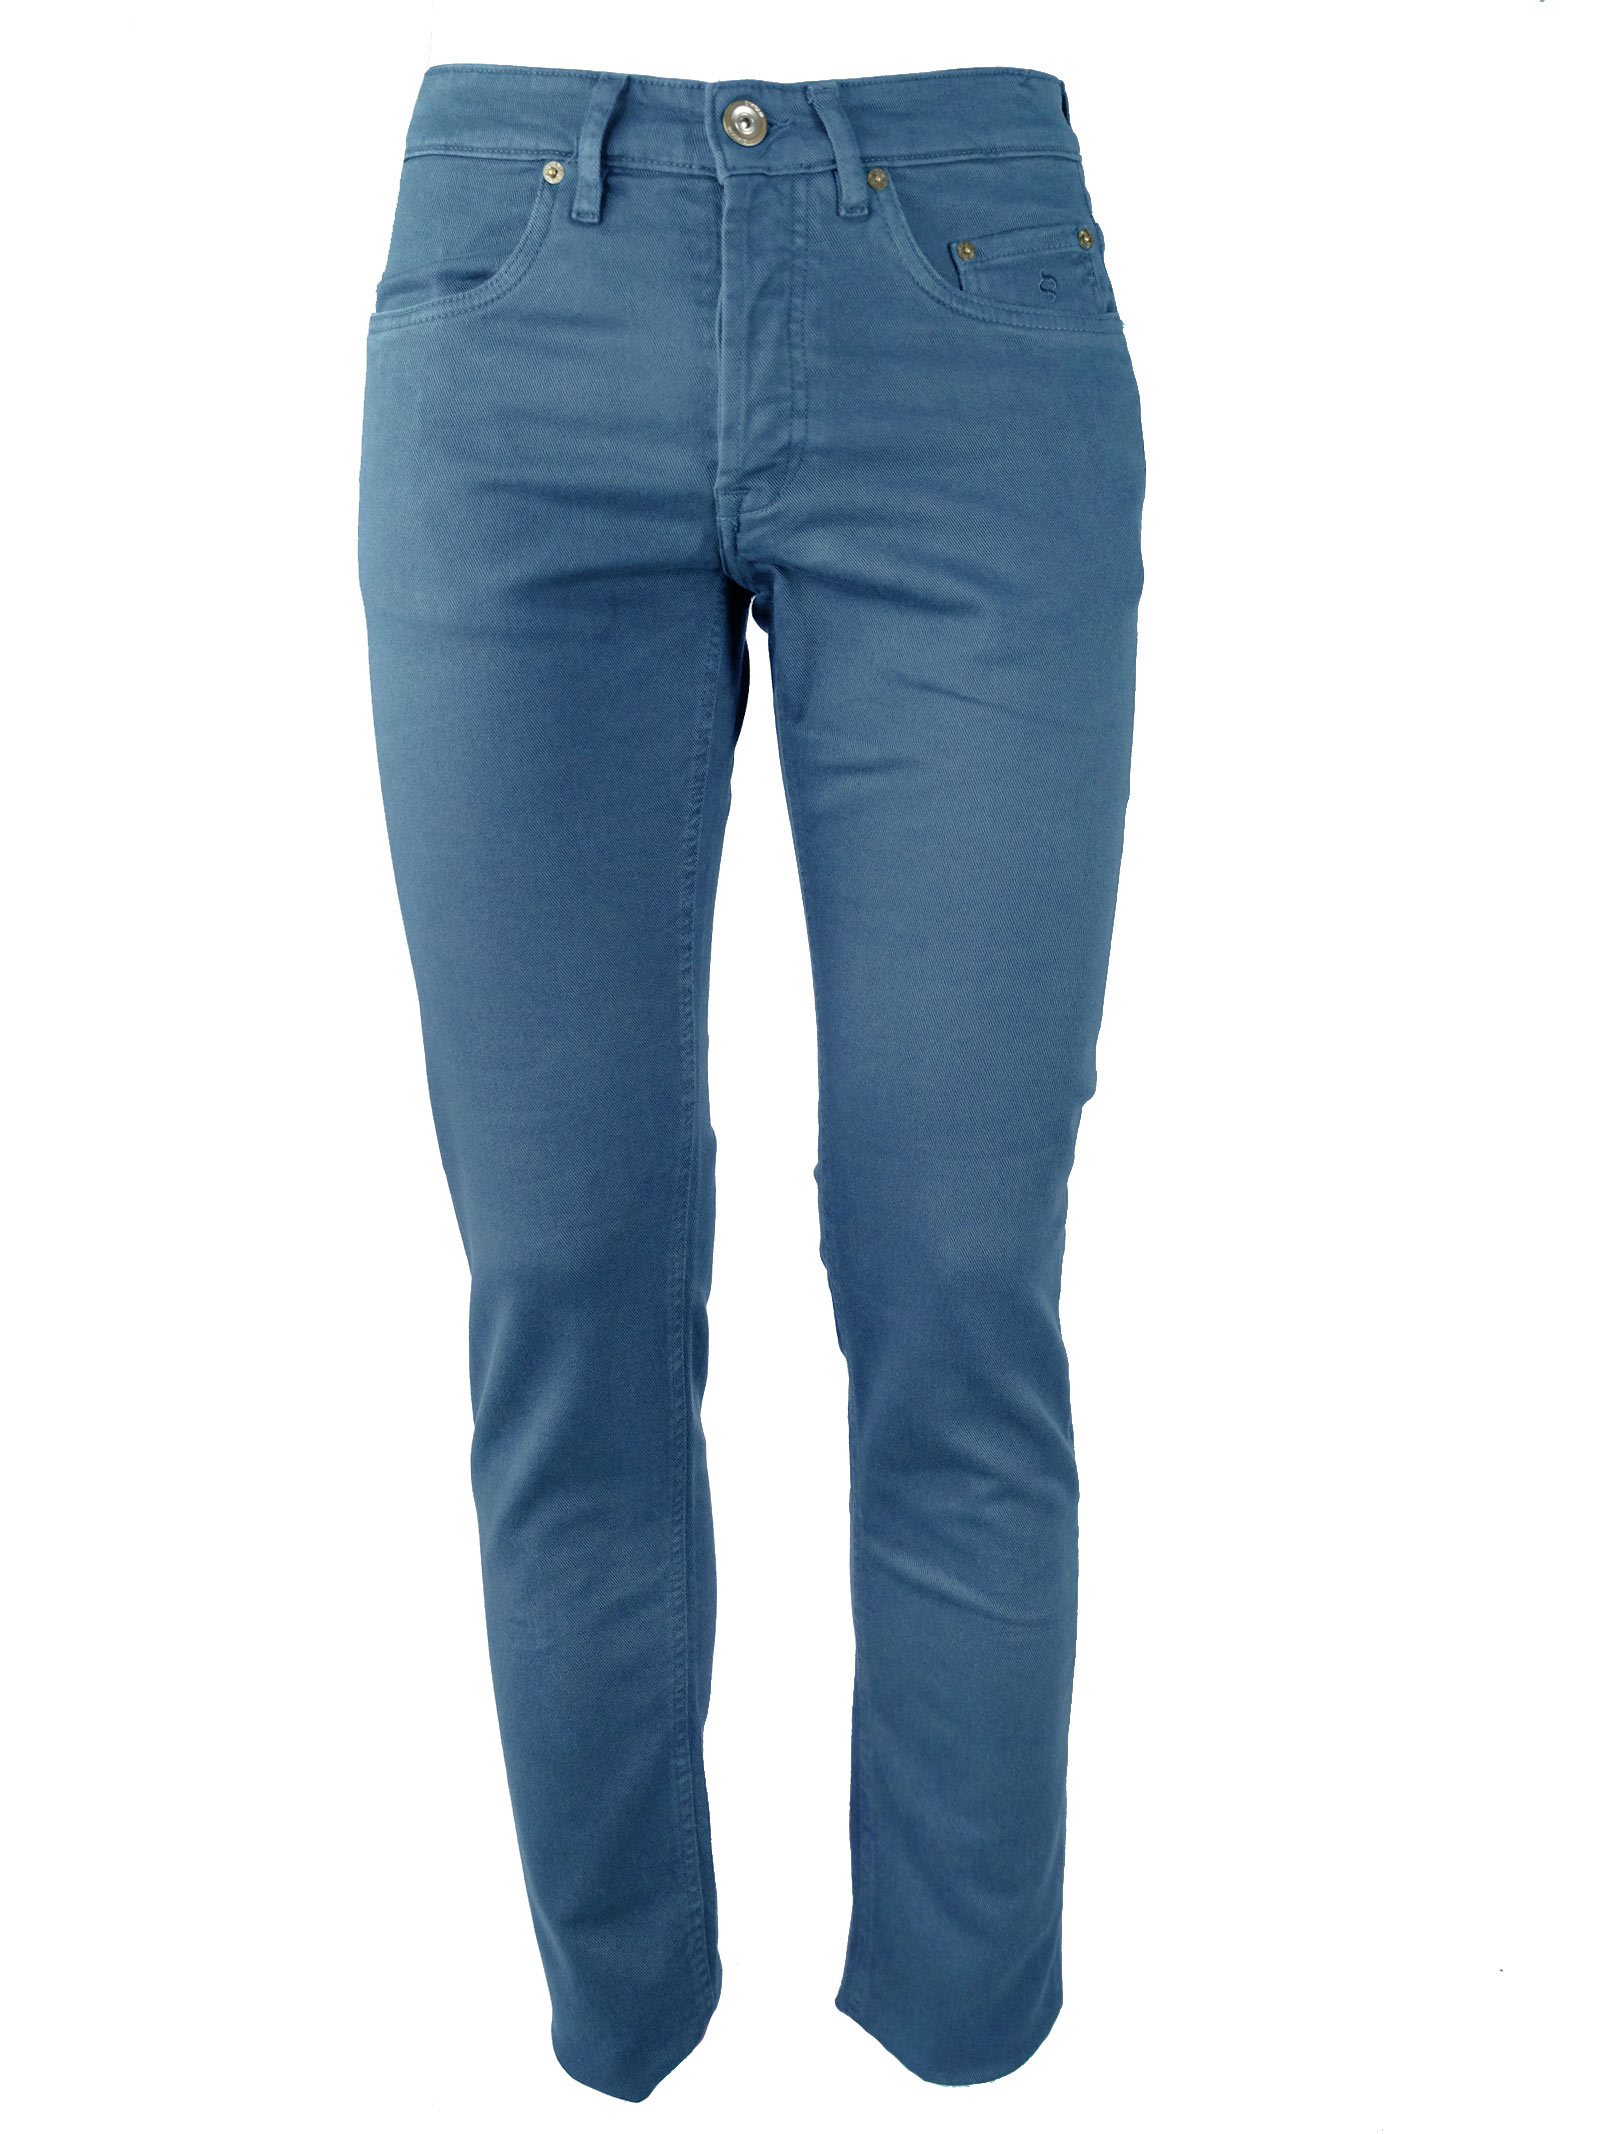 5 TASCHE IN COTONE SIVIGLIA | Jeans | 22E3 S0036659